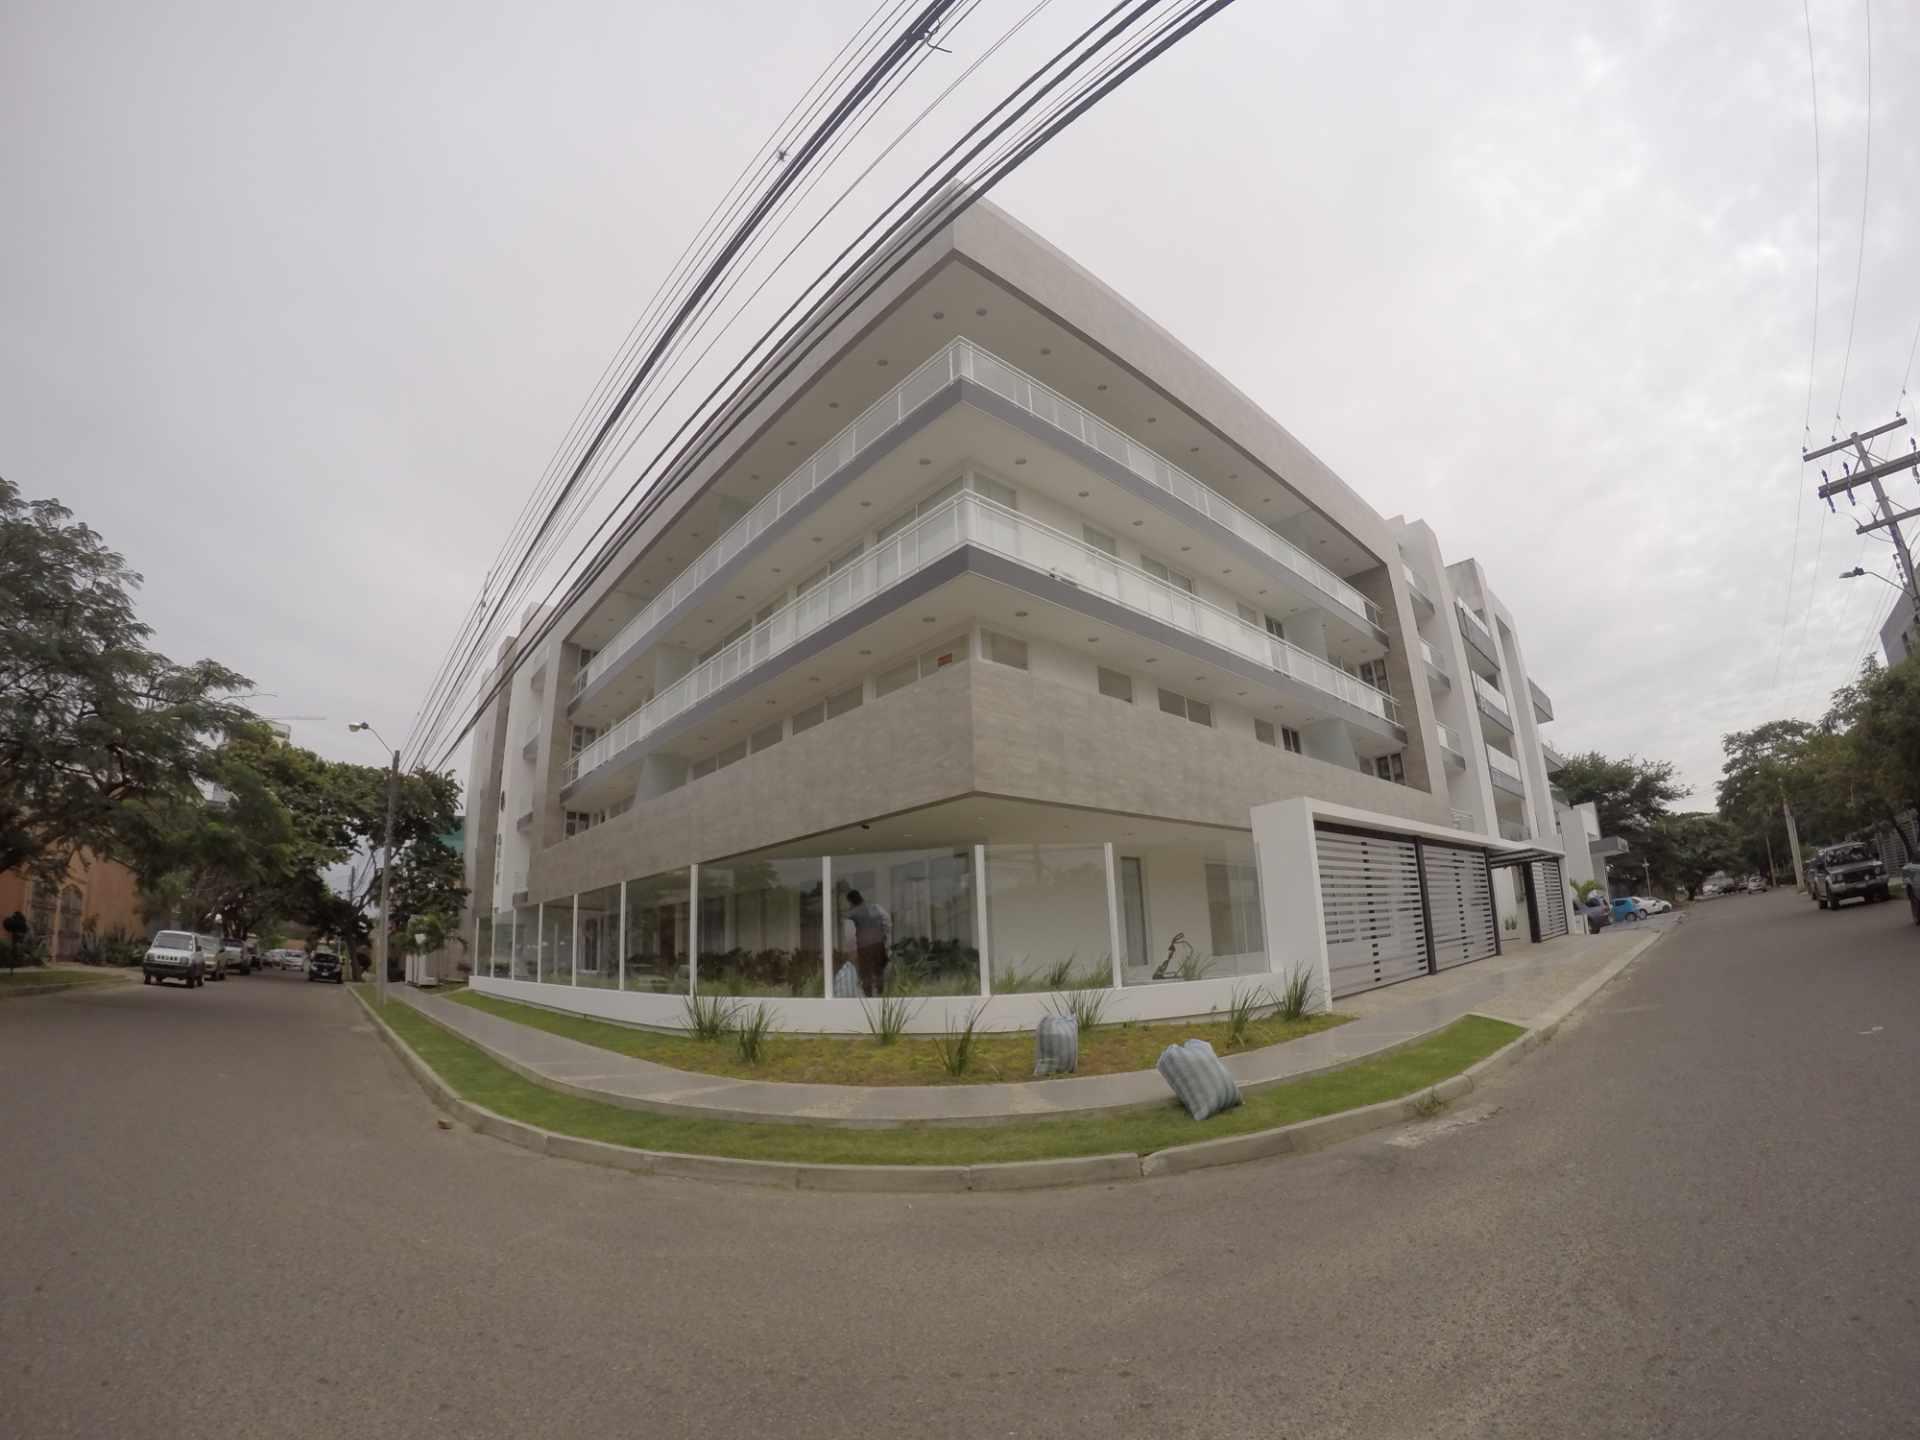 Departamento en Alquiler Condominio Onix [Equipetrol Norte], Departamento monoambiente full amoblado de lujo en alquiler, con parqueo techado. [600$us., expensas incluidas] Foto 1